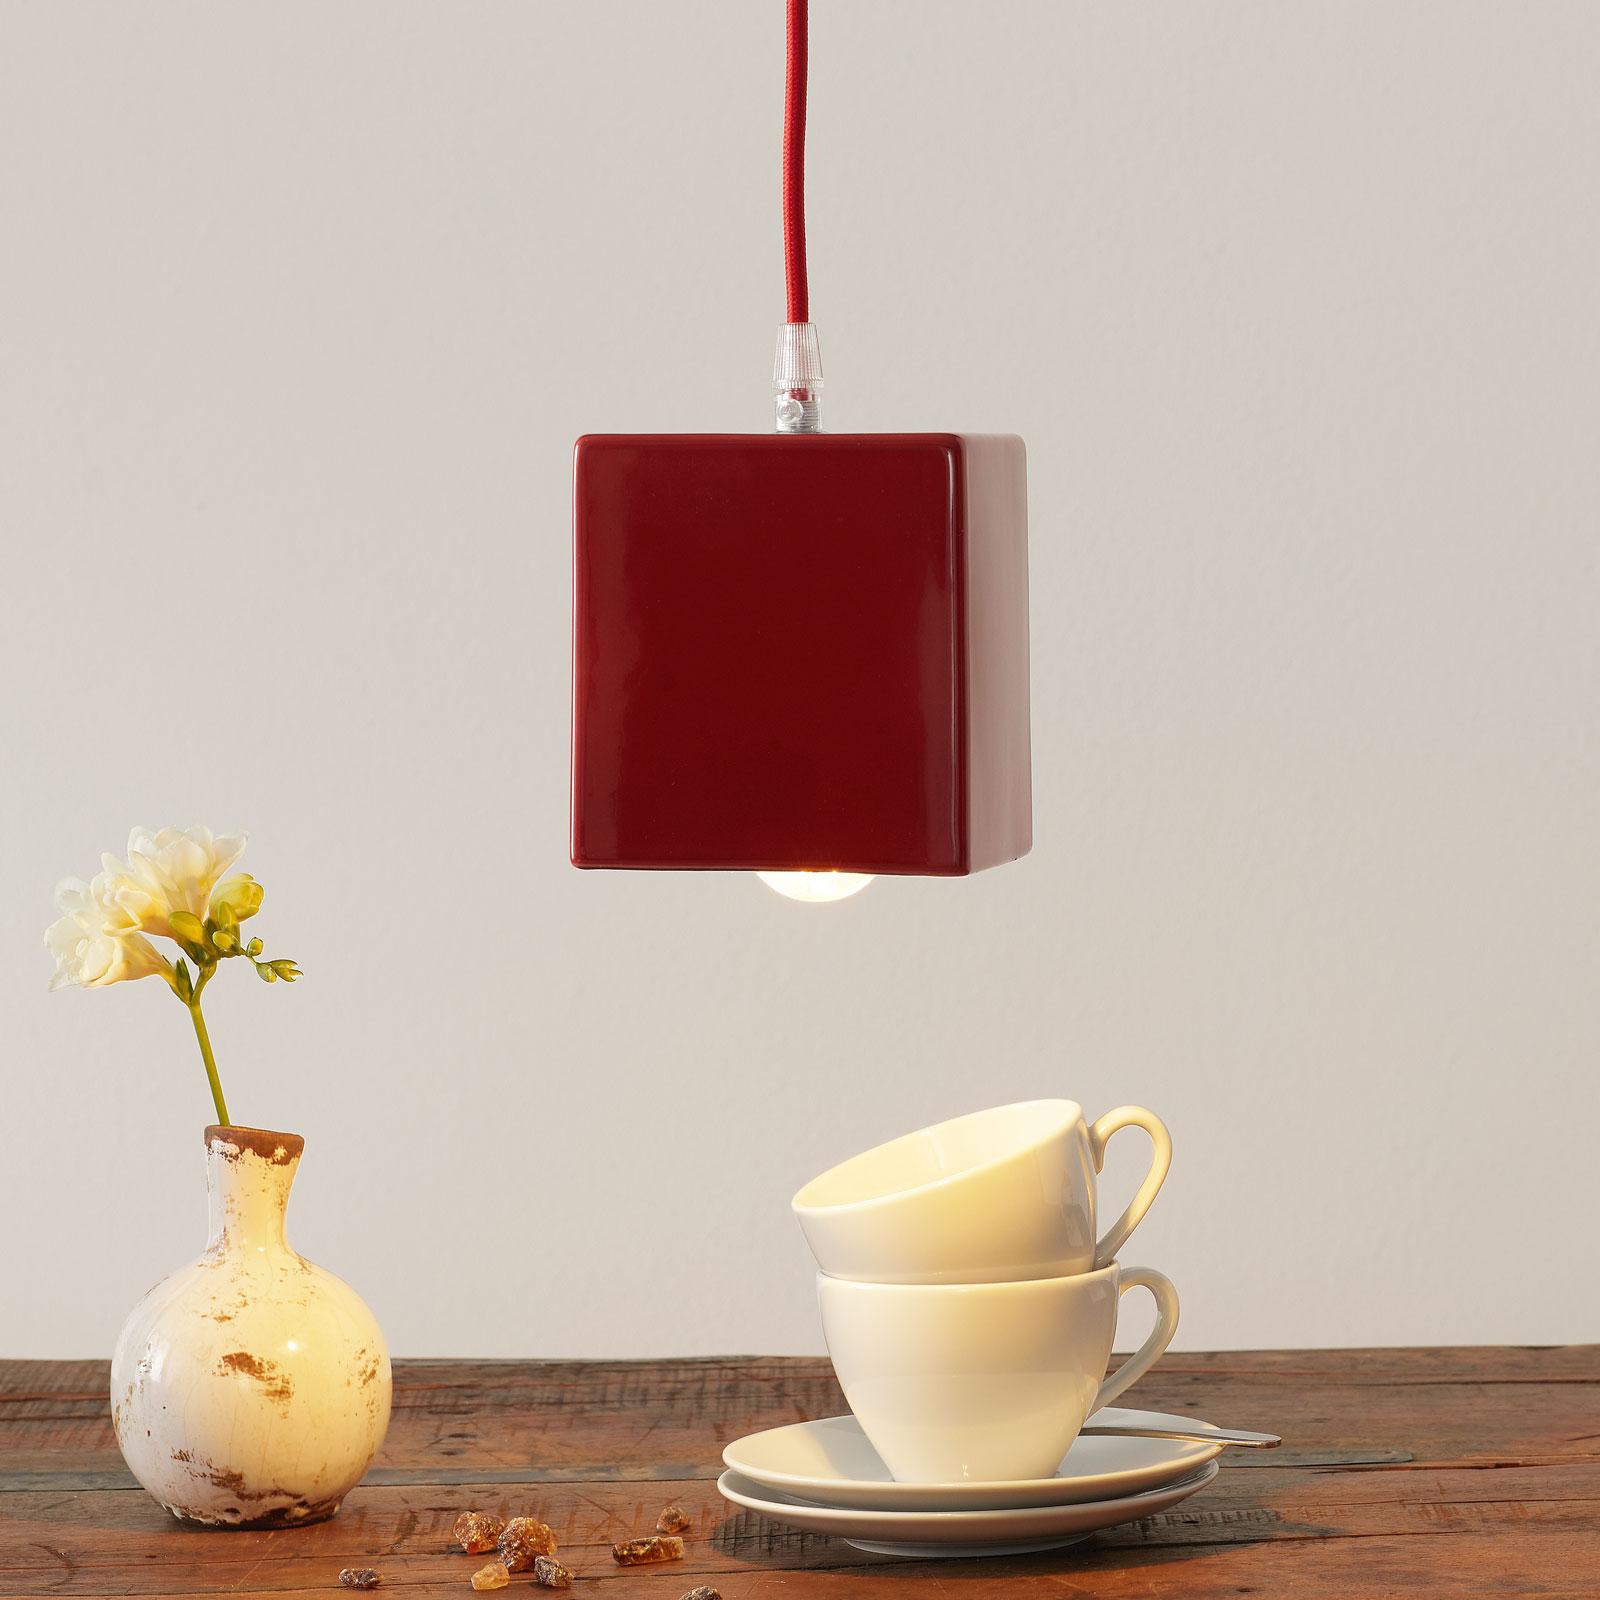 Keramiek-hanglamp S1862, rood/blauw